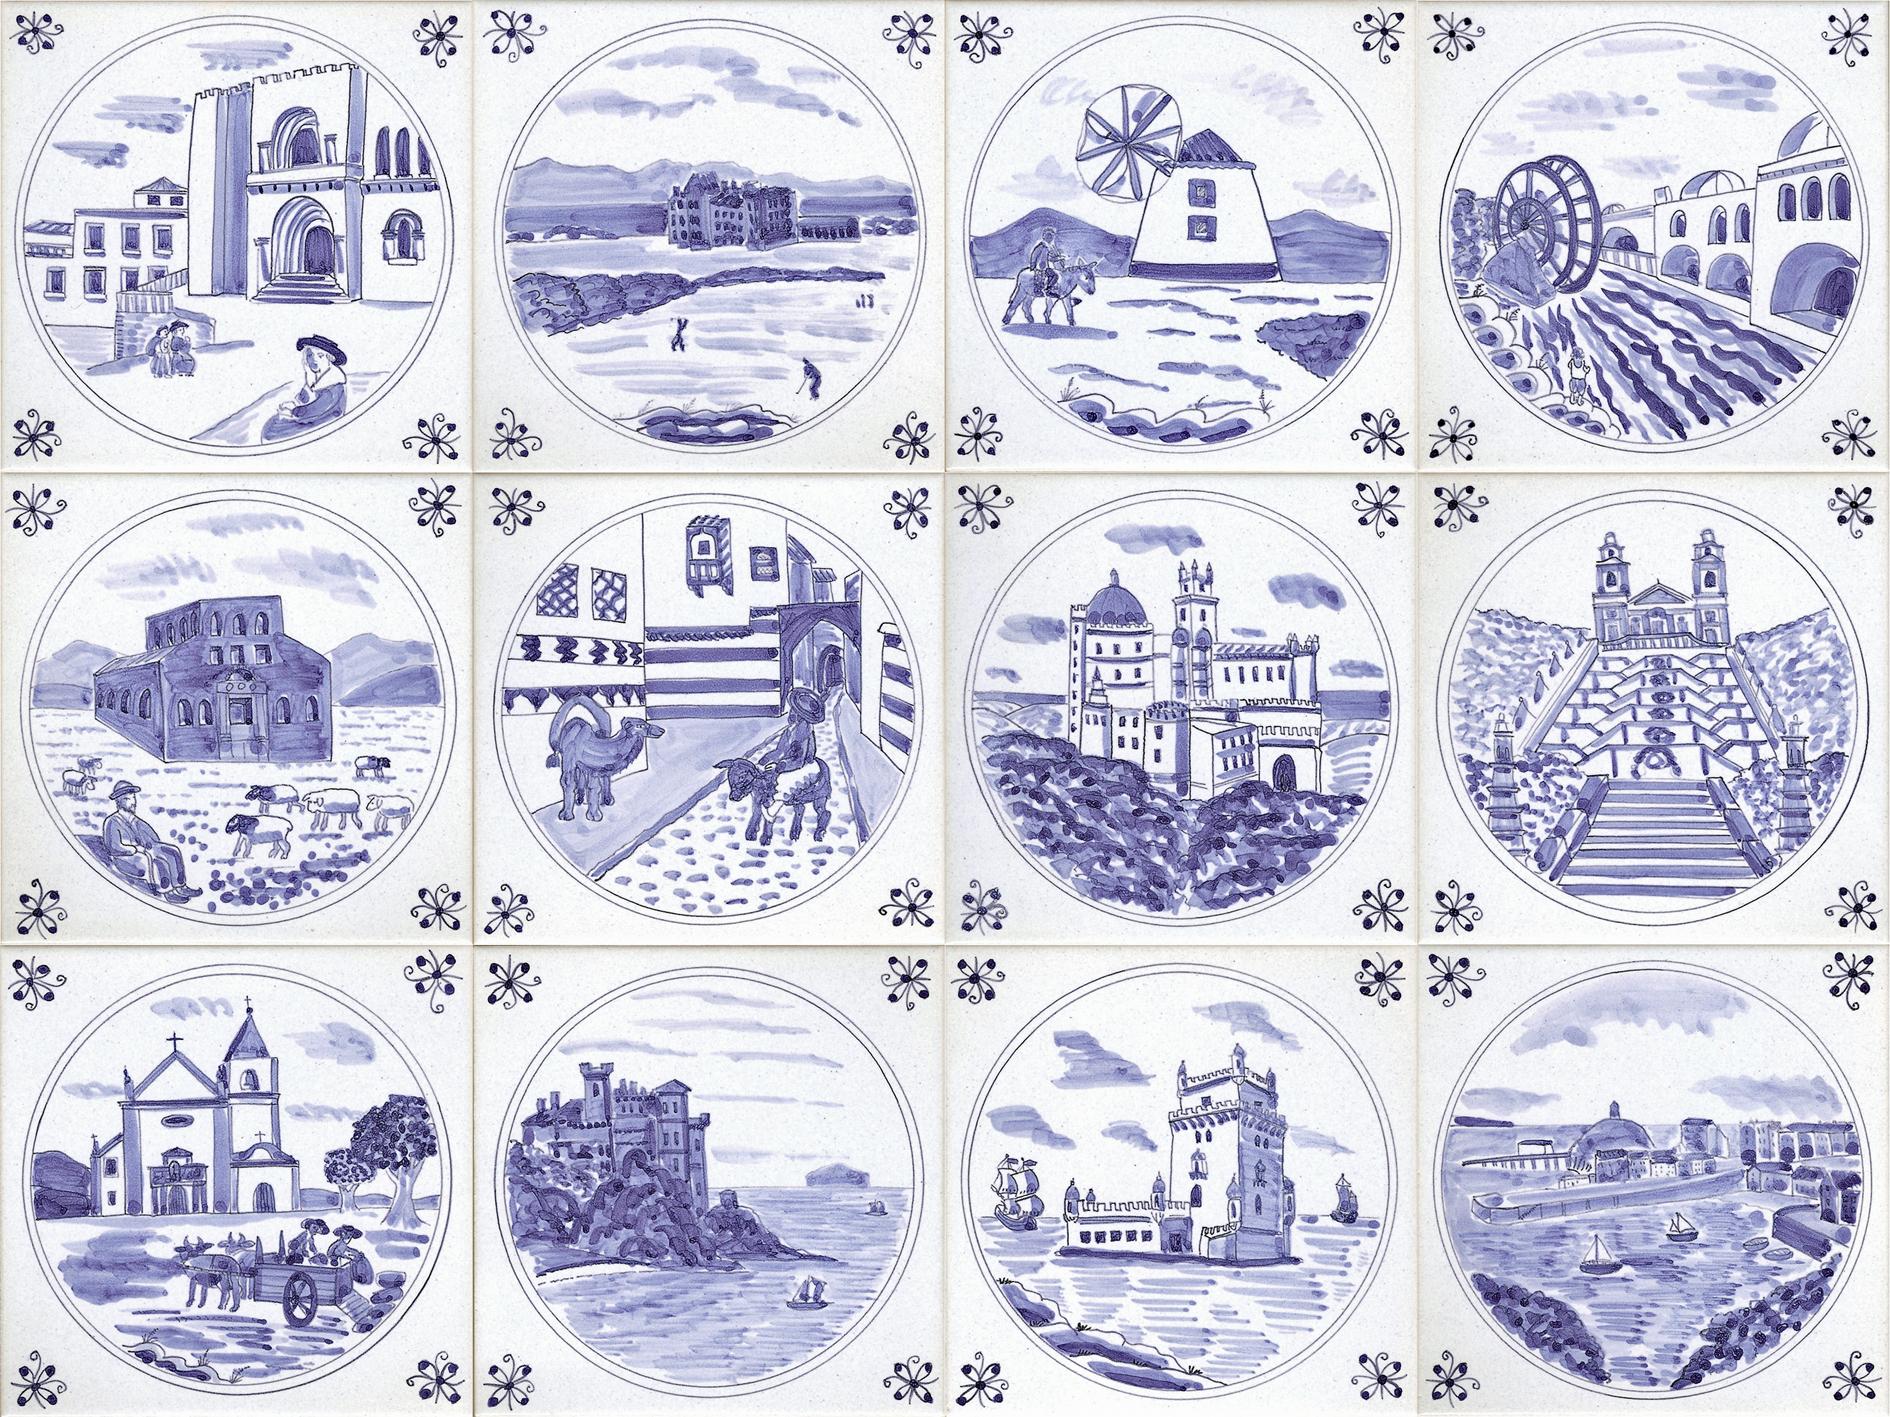 Gallery 4 Delft Tiles Reptile Tiles